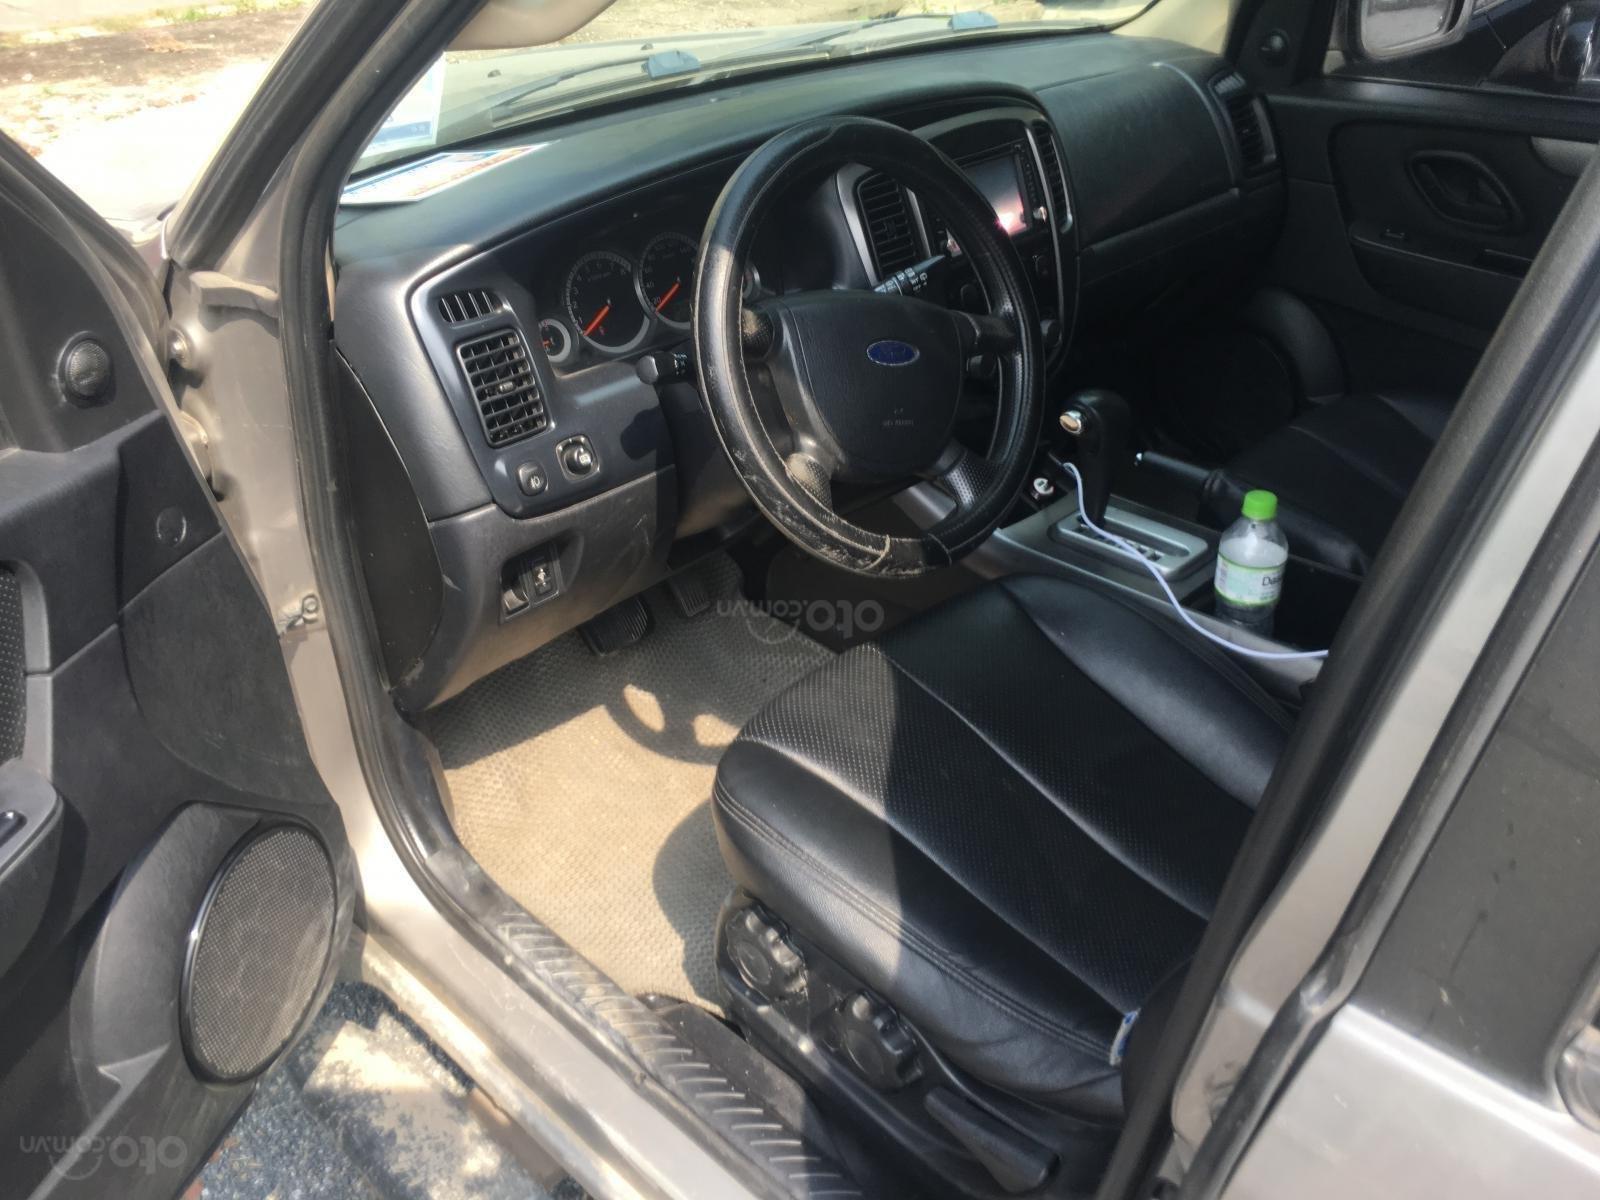 Chính chủ cần bán chiếc xe Ford Escape 2009, màu xám, giá thương thượng (7)